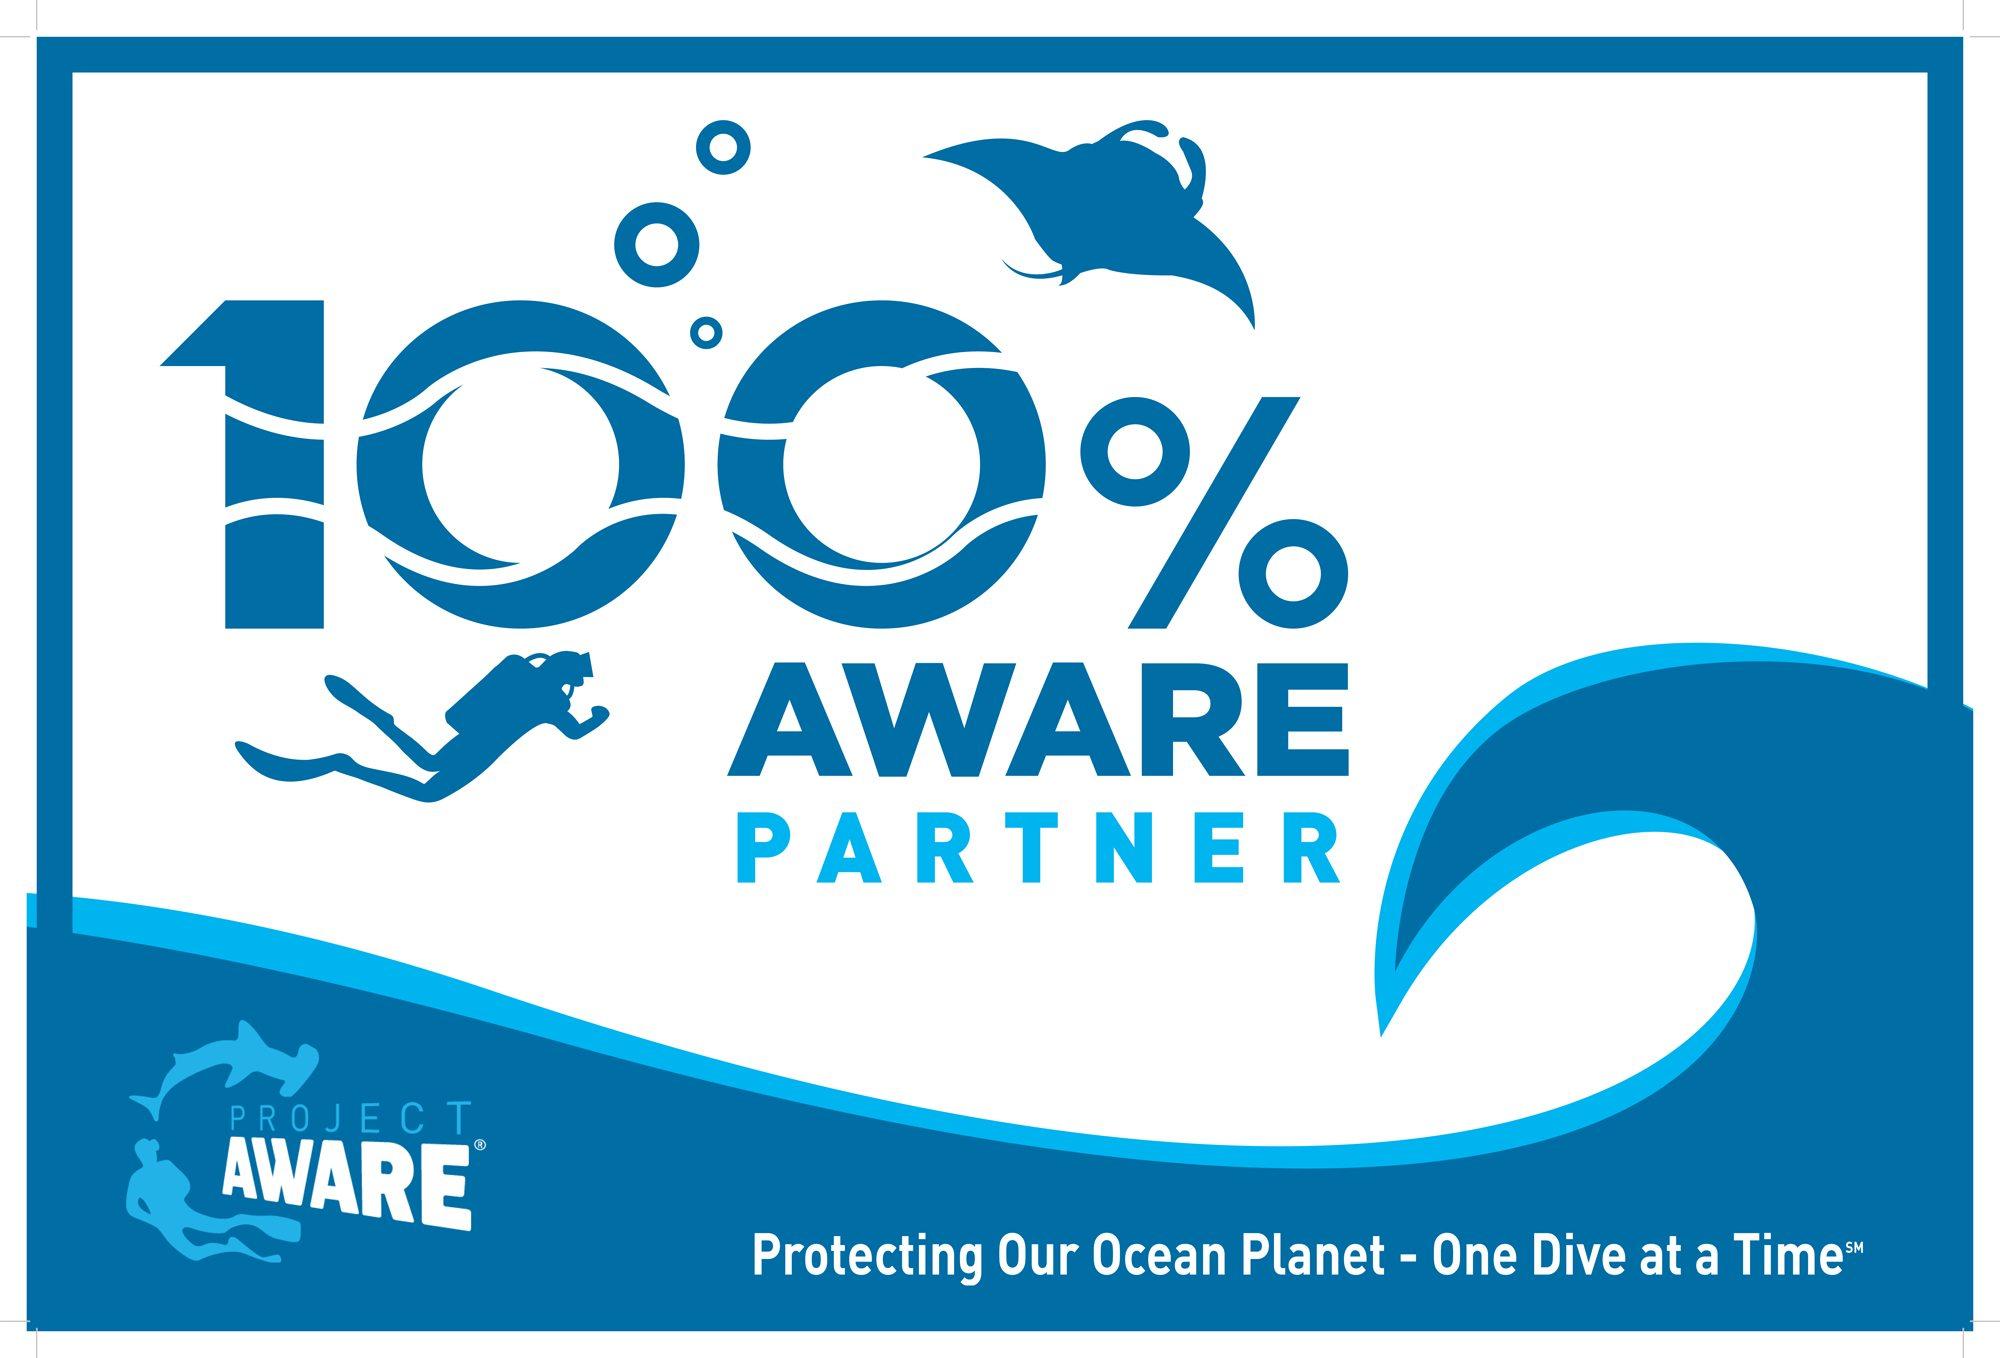 100% AWARE Partner